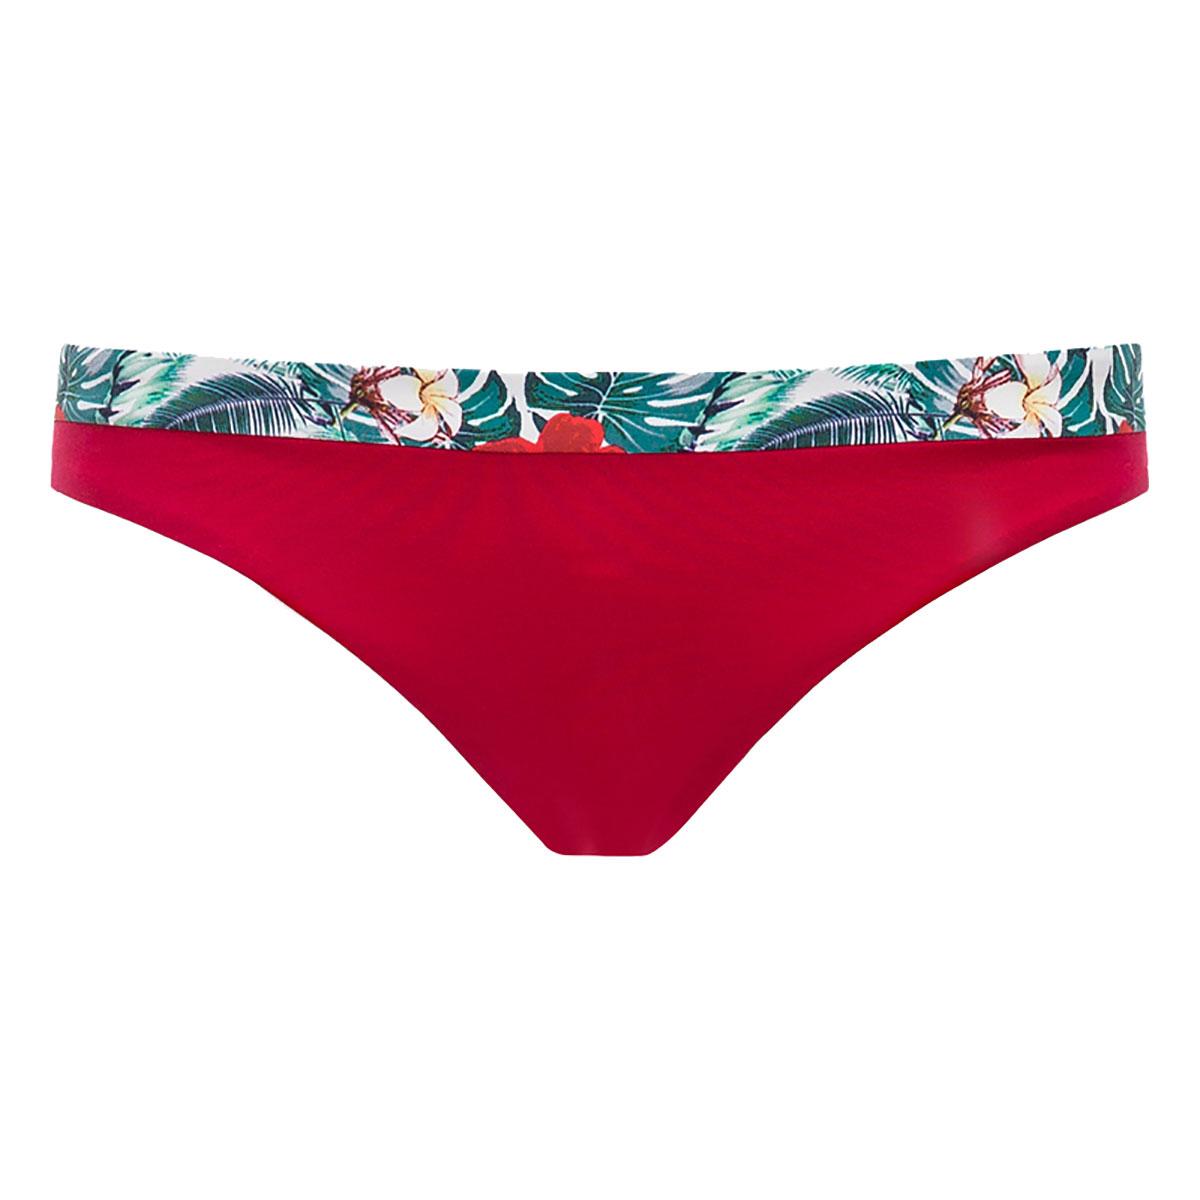 bas de maillot de bain rouge et imprim tropical femme. Black Bedroom Furniture Sets. Home Design Ideas